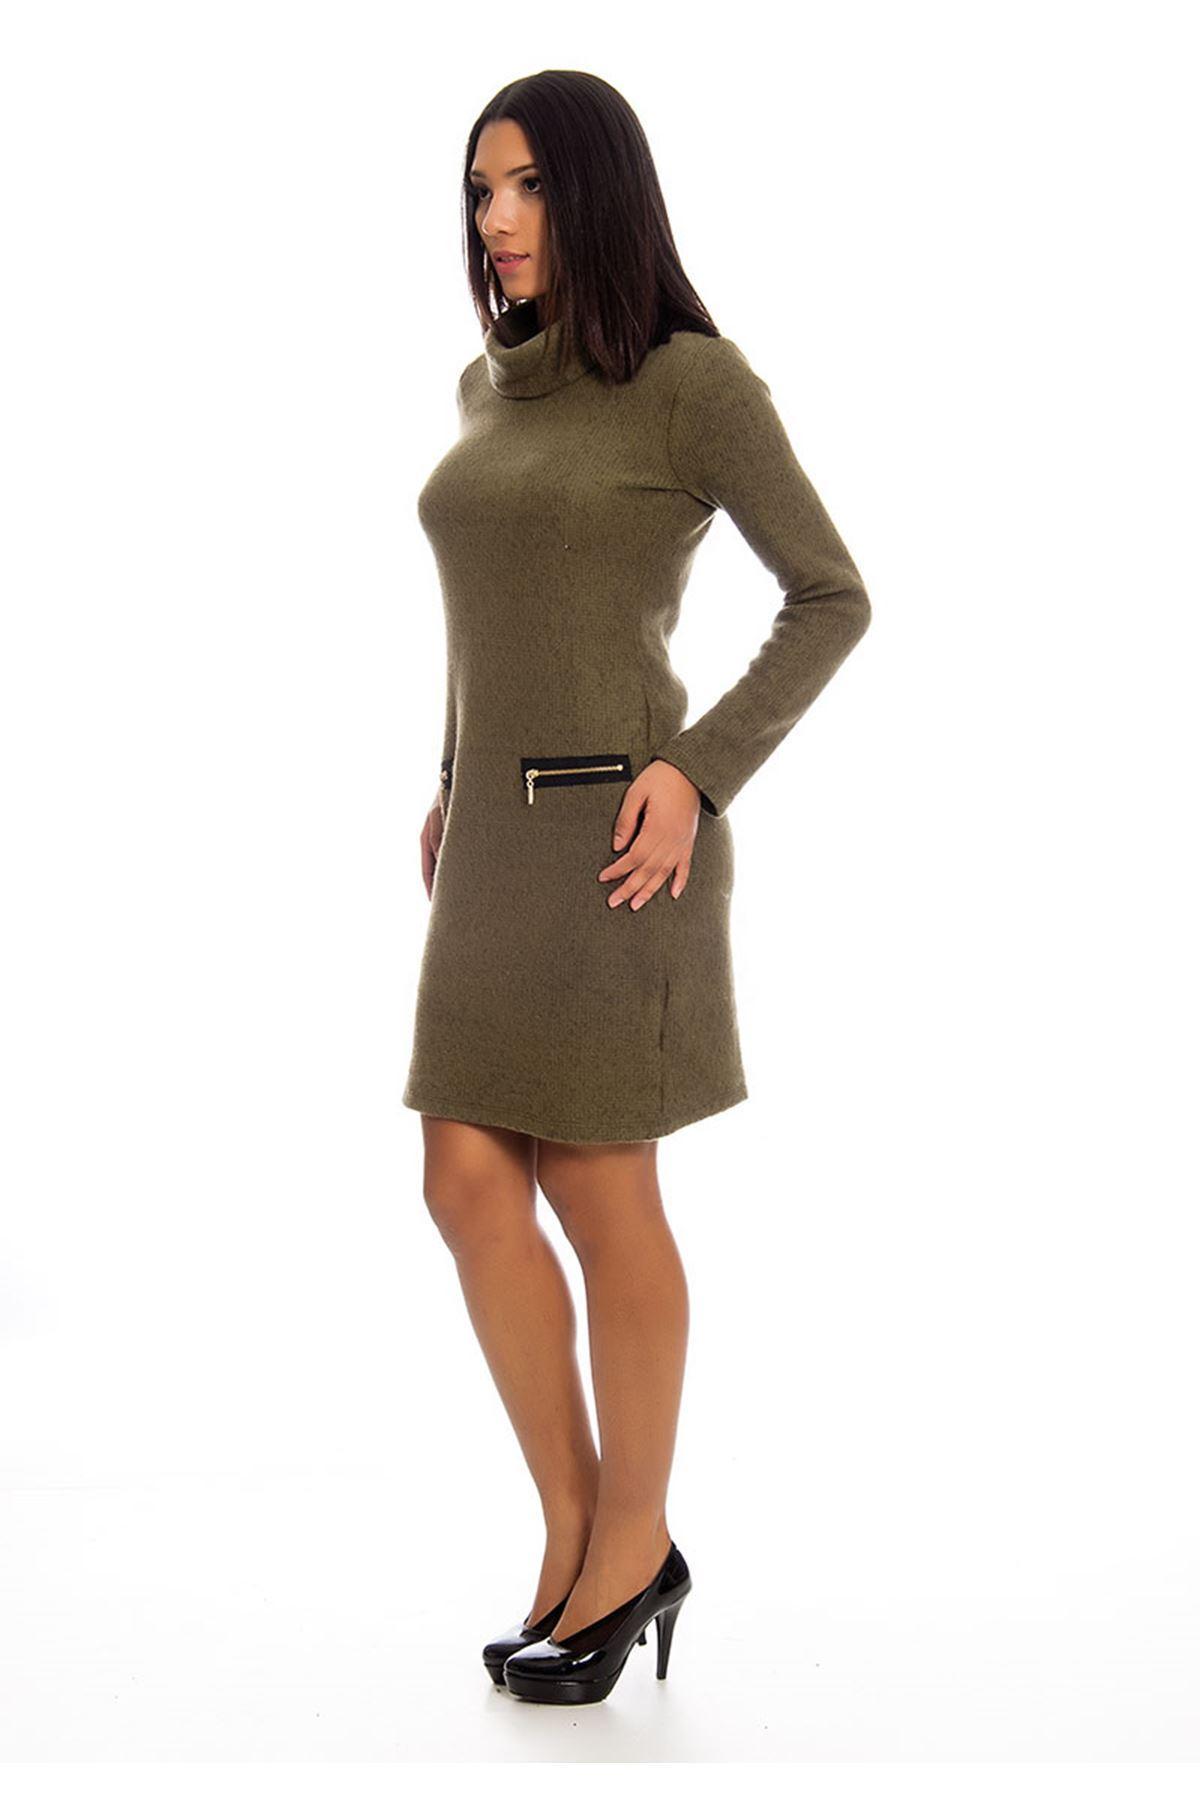 Boğazlı Yeşil Kadın Elbise K12-124049